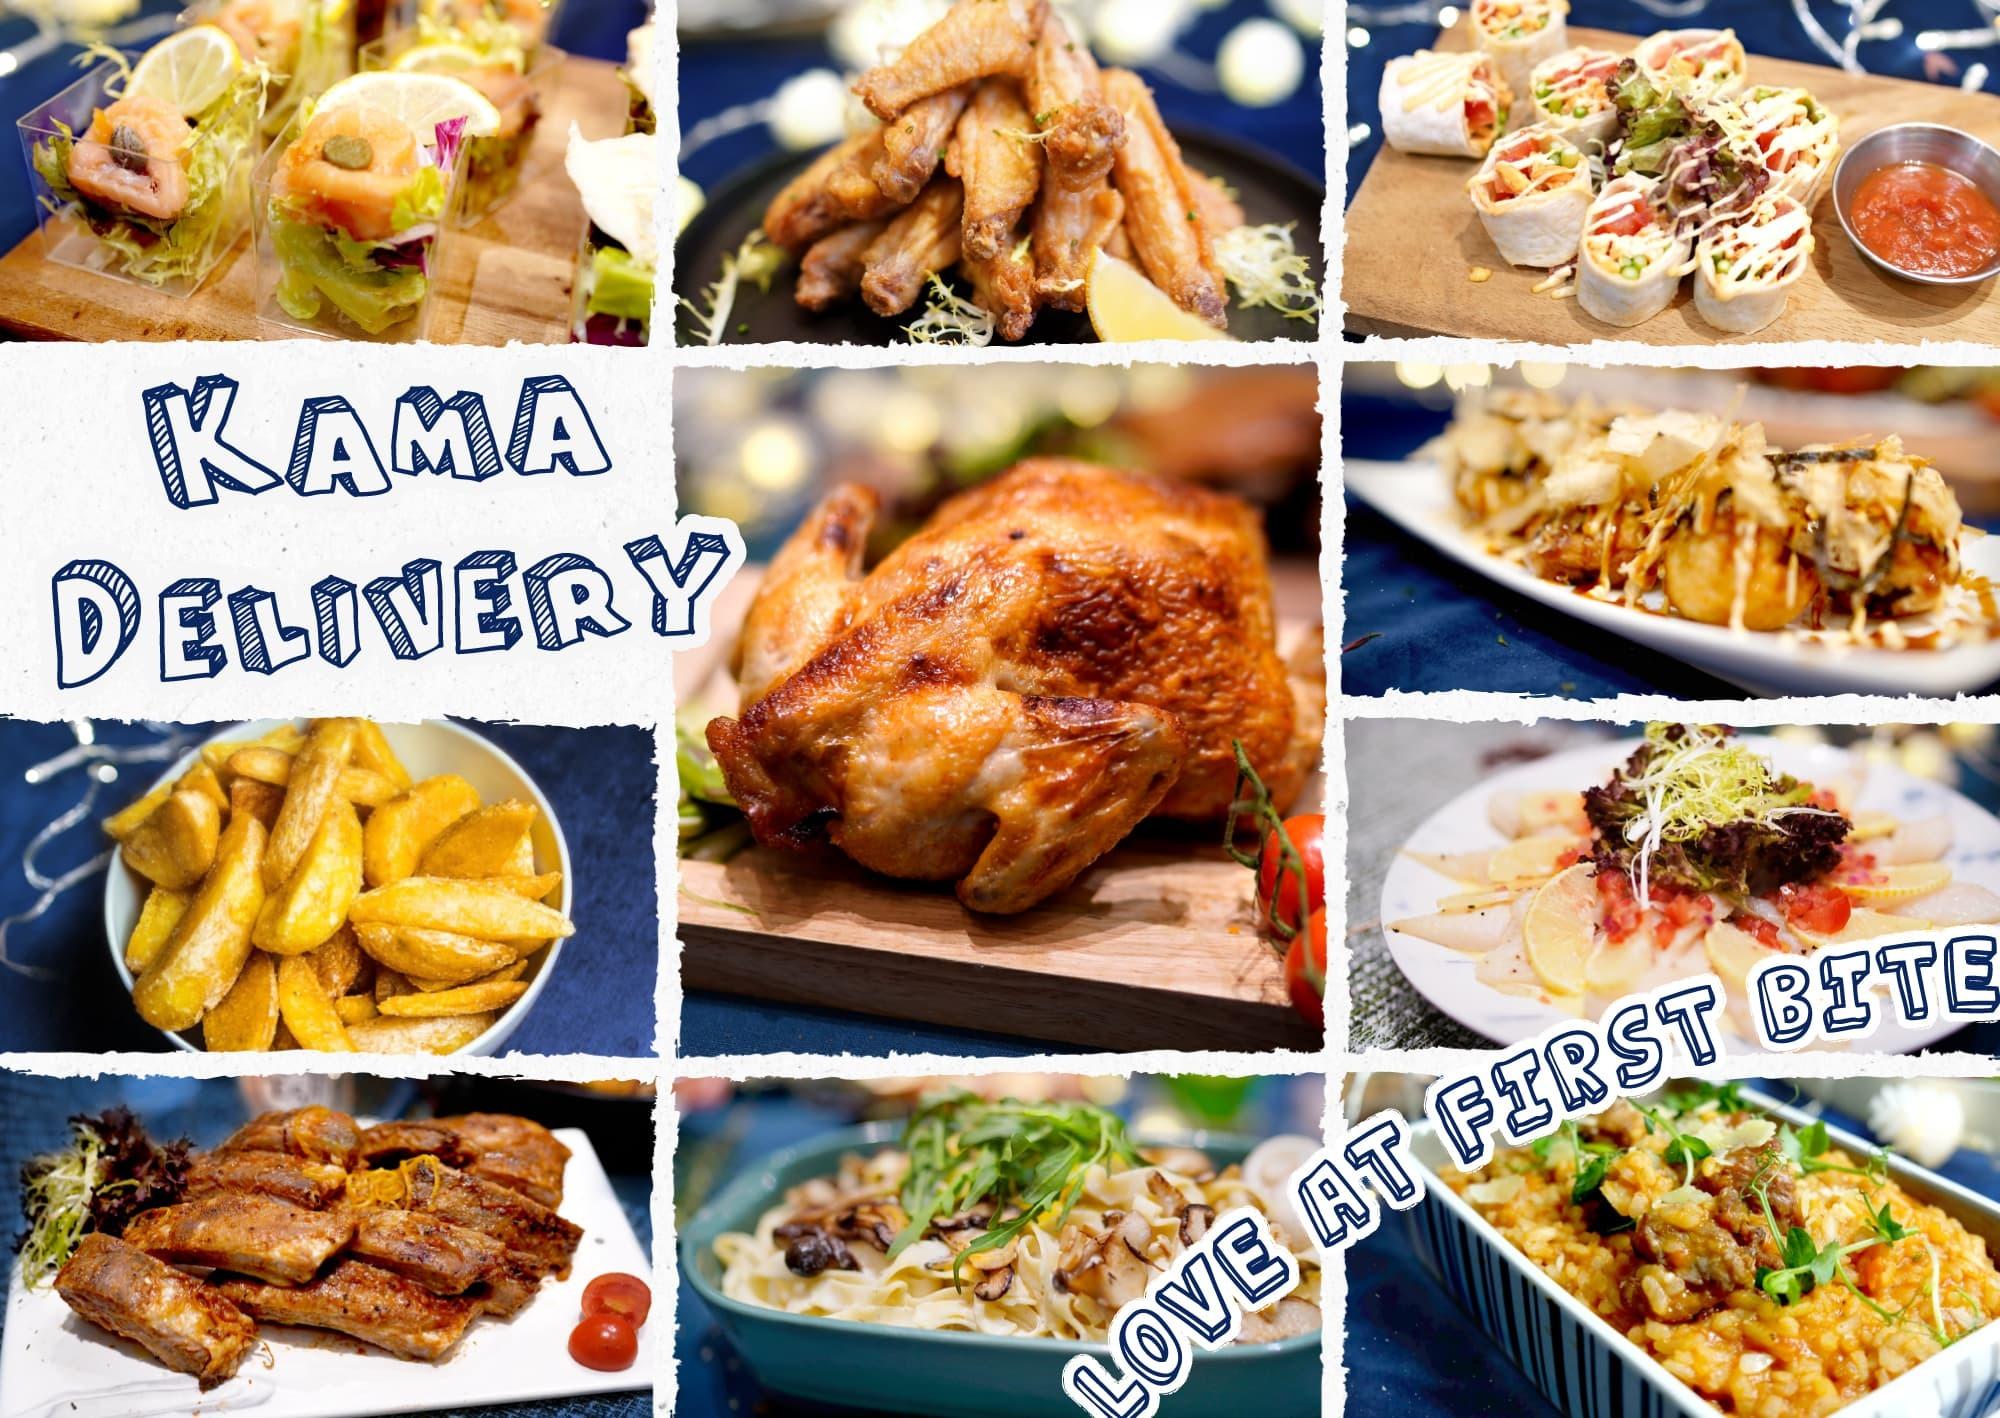 71人外賣套餐預訂|Kama Delivery為大型Party製作各款特色食品,並可為你的派對度身訂造個性化Menu及按人數調整美食數量。